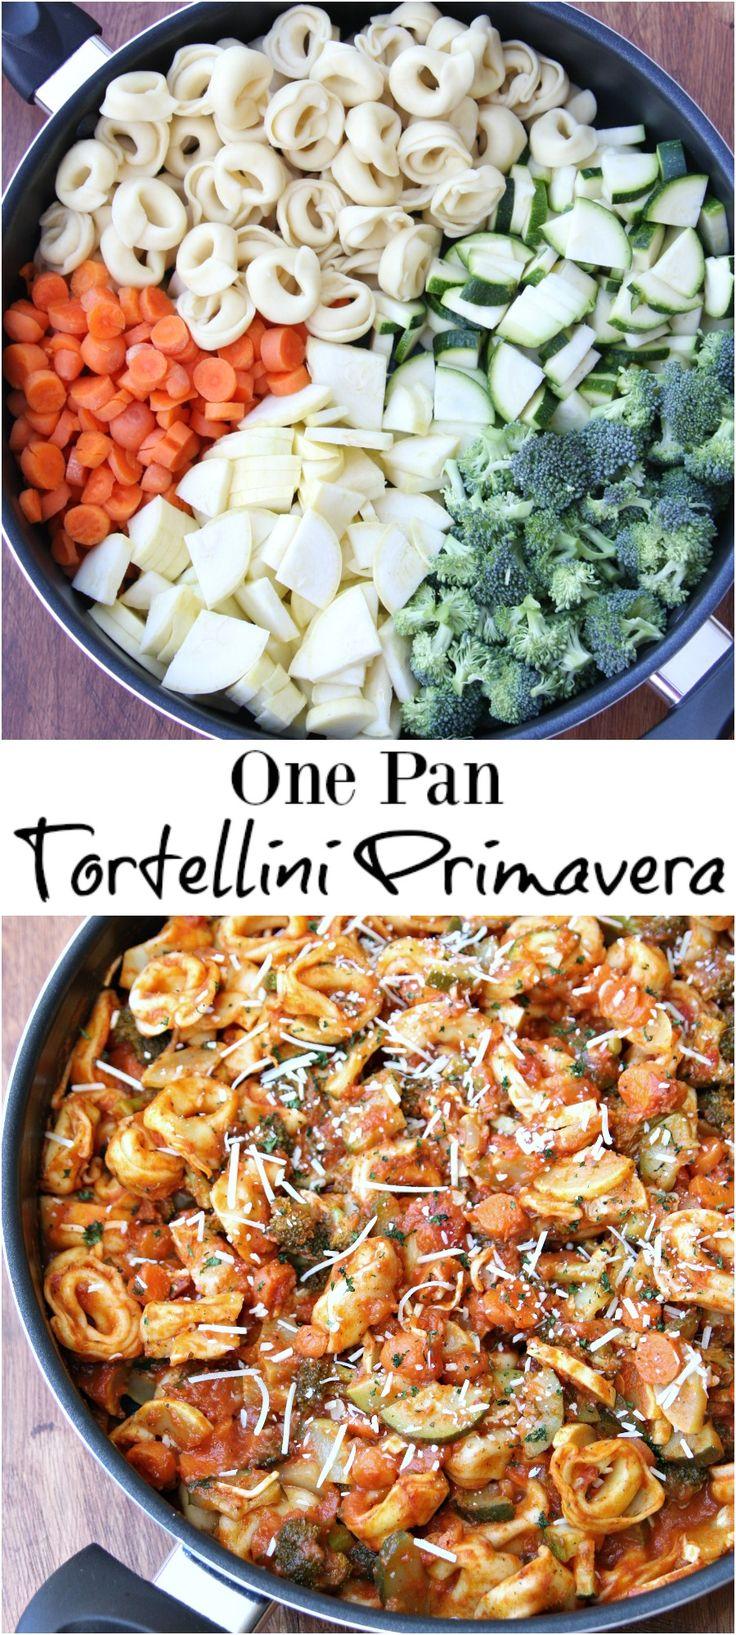 One Pan Tortellini Primavera